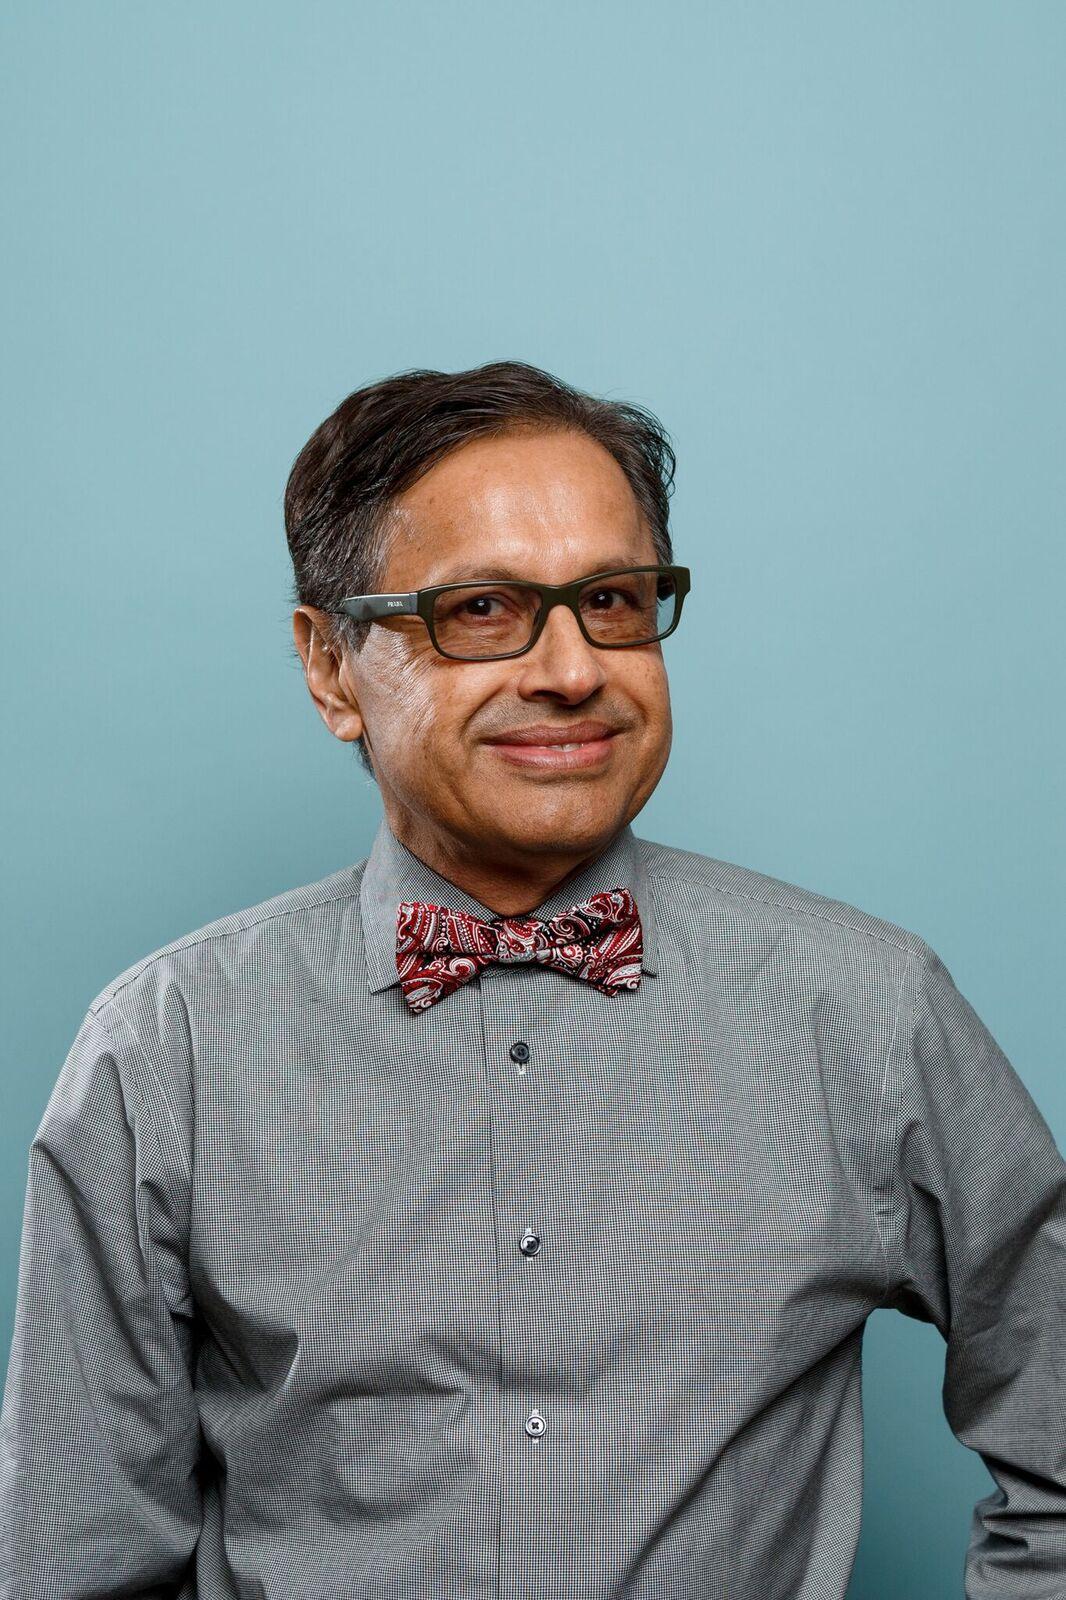 Dr. Rizwan Naeem